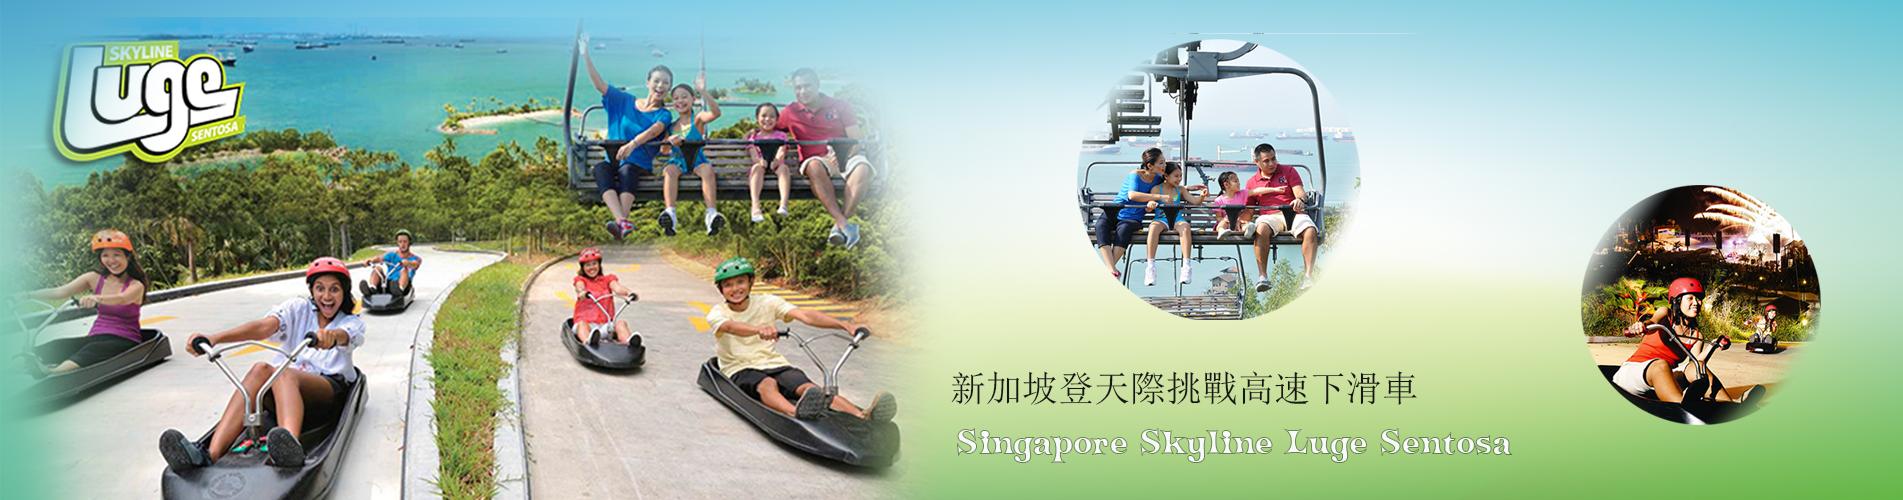 新加坡登天際挑戰高速下滑車 Singapore Skyline Luge Sentosa